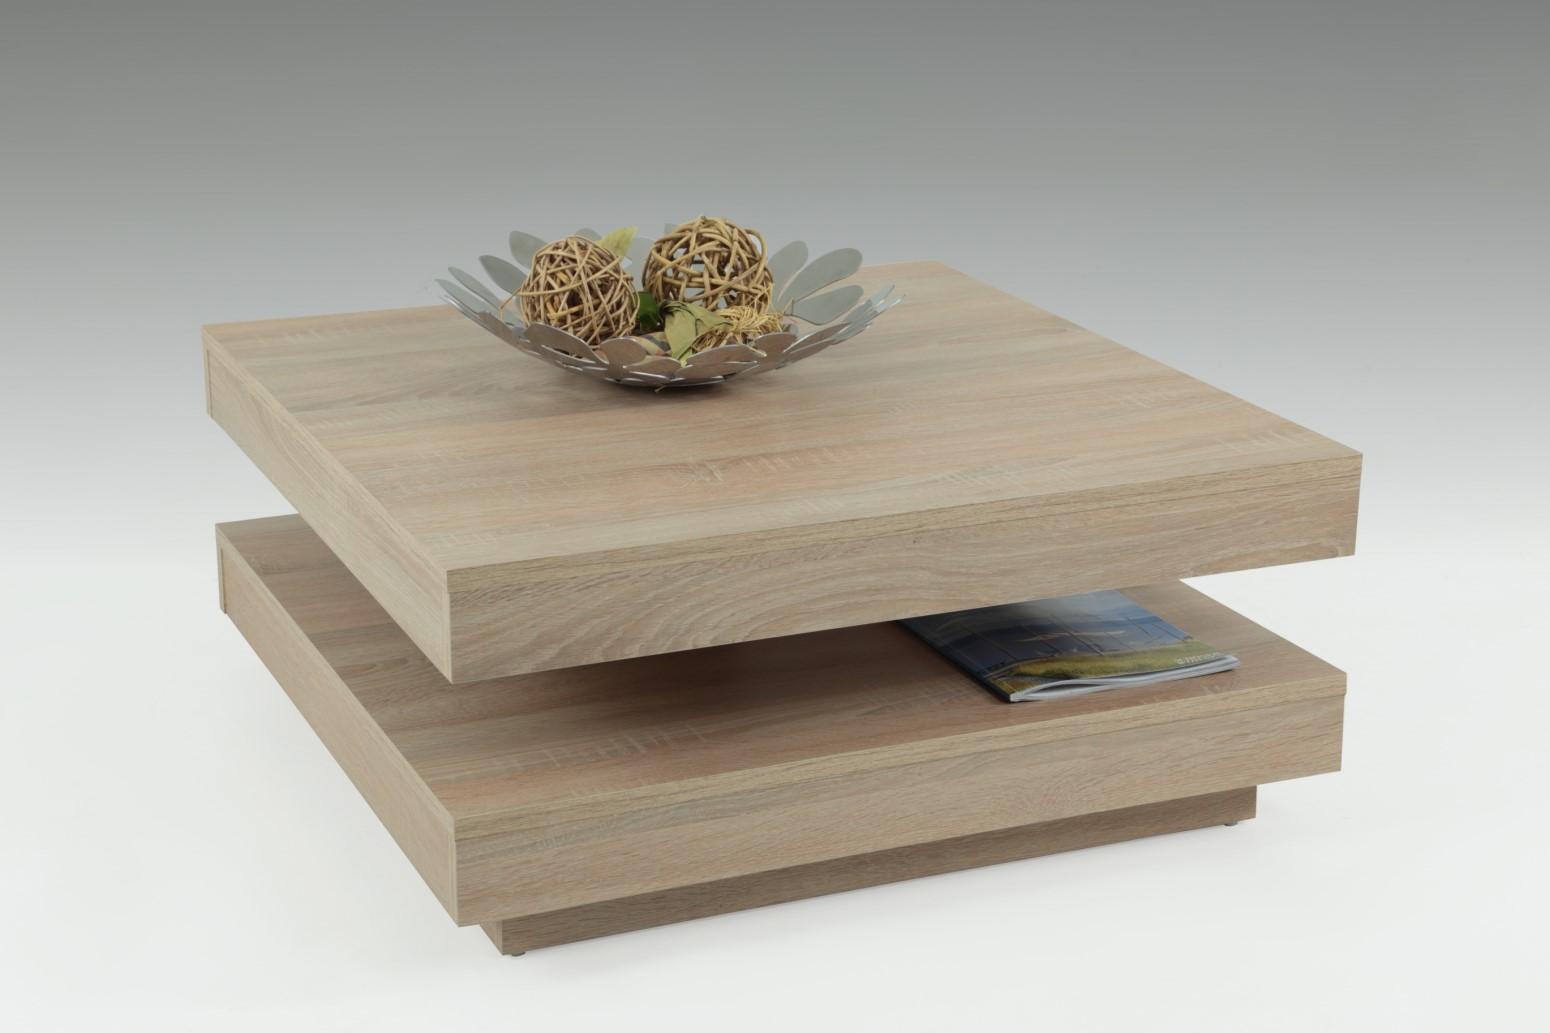 Couchtisch Beistelltisch Wohnzimmertisch -Bento- 78x78 cm Sonoma Eiche